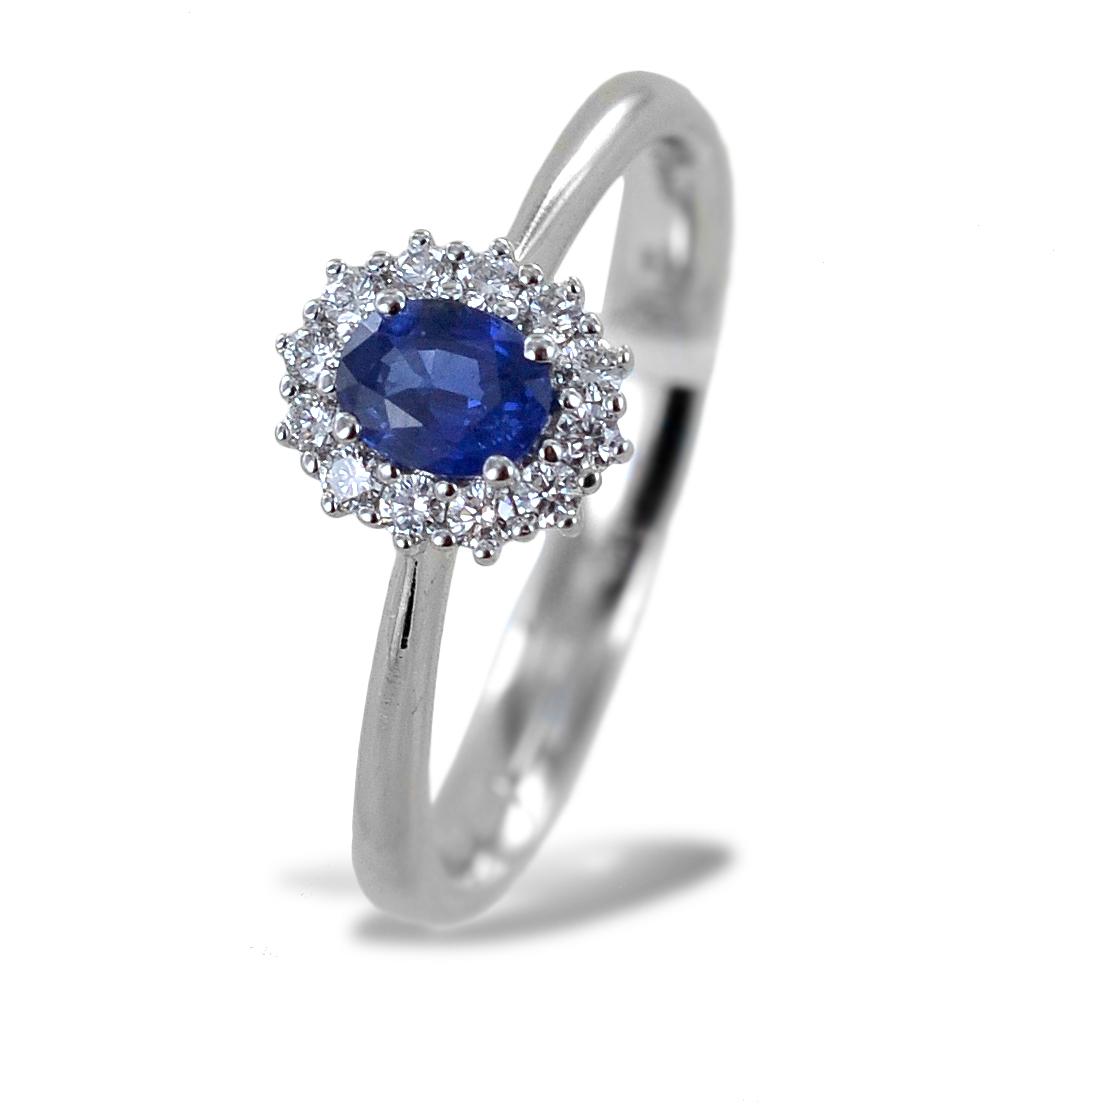 Anello con Zaffiro centrale mezzo carato e contorno di diamanti Gioielli Valenza